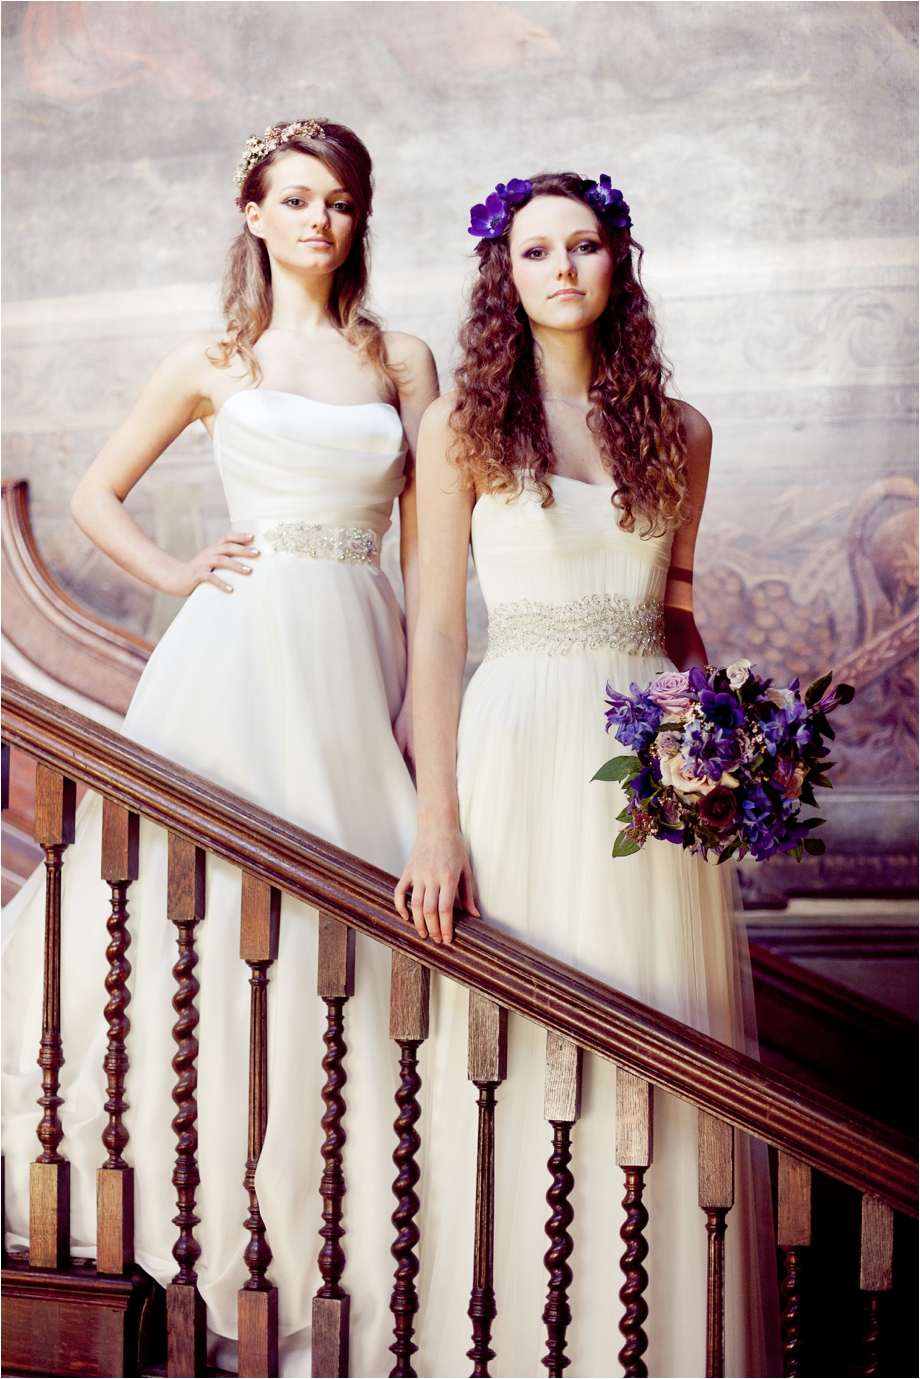 122_eddie-judd-photography-miss-bush-bridal-debutantes_1050_FB